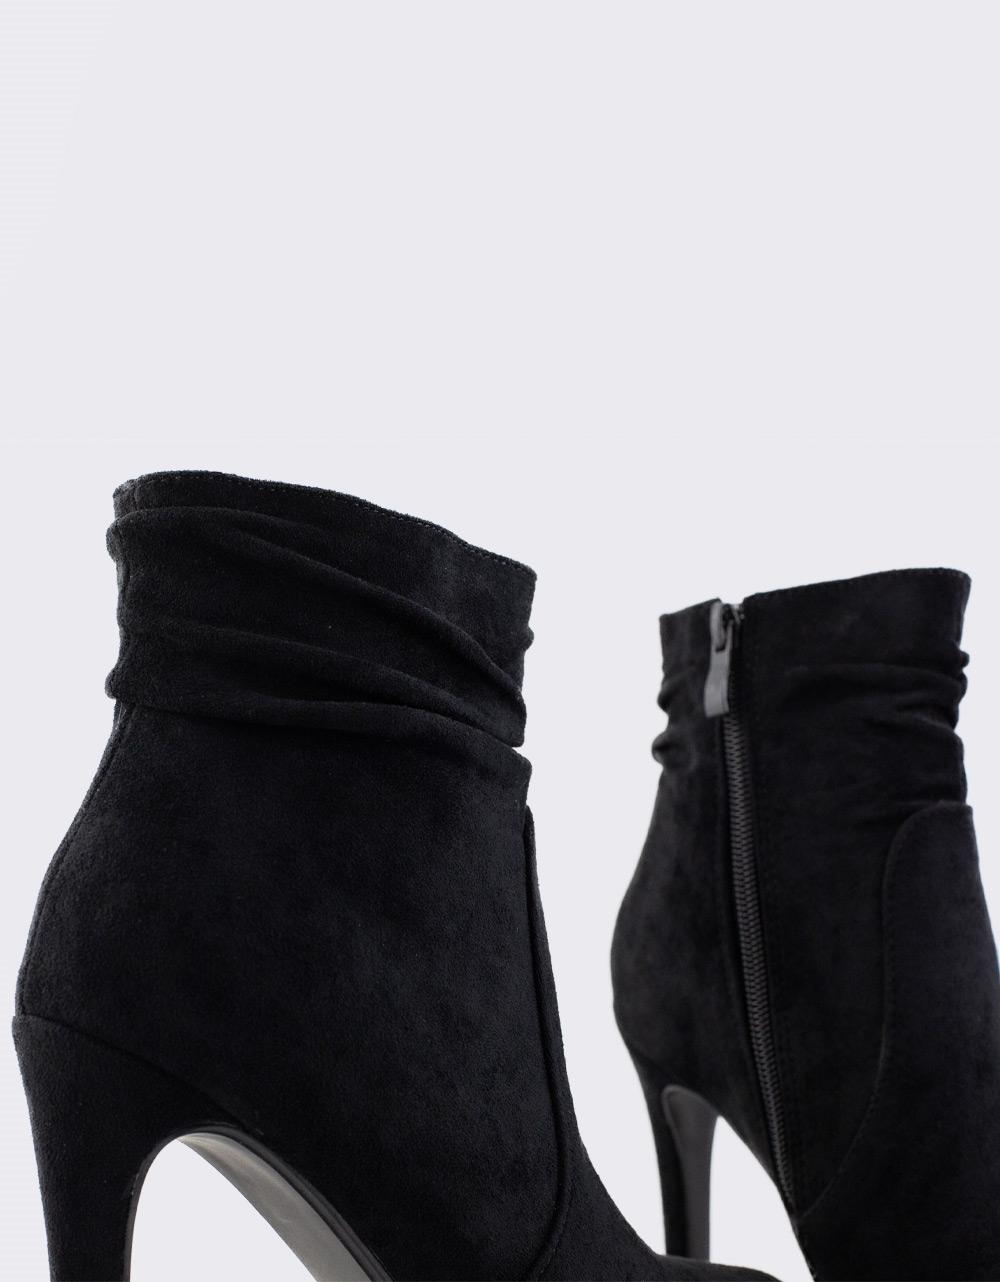 Εικόνα από Γυναικεία μποτάκια με φιάπα Μαύρο